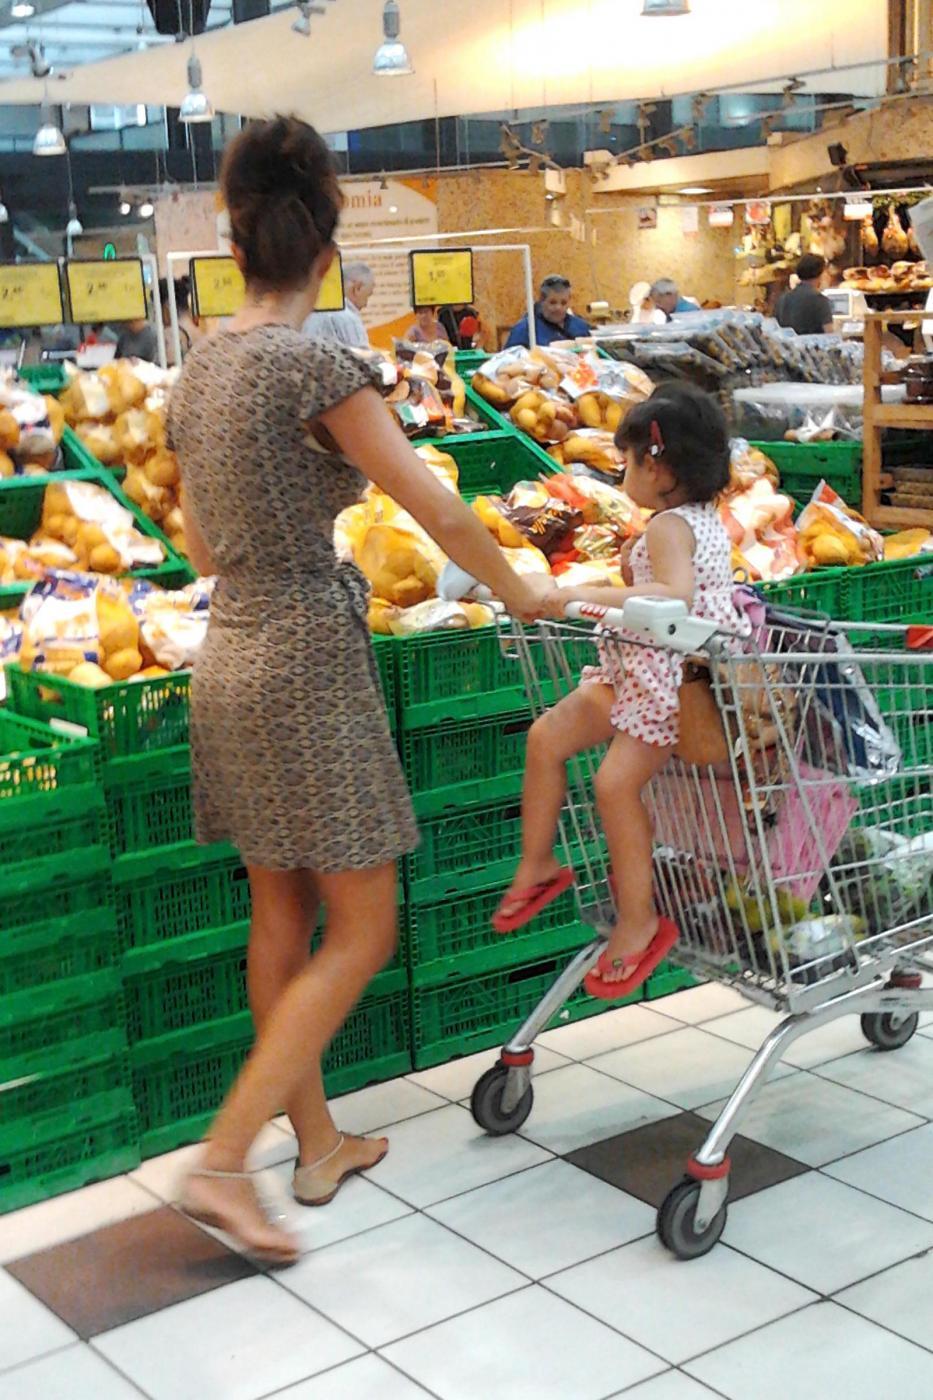 Laura Torrisi, la compagna di Pieraccioni mamma perfetta al supermercato01